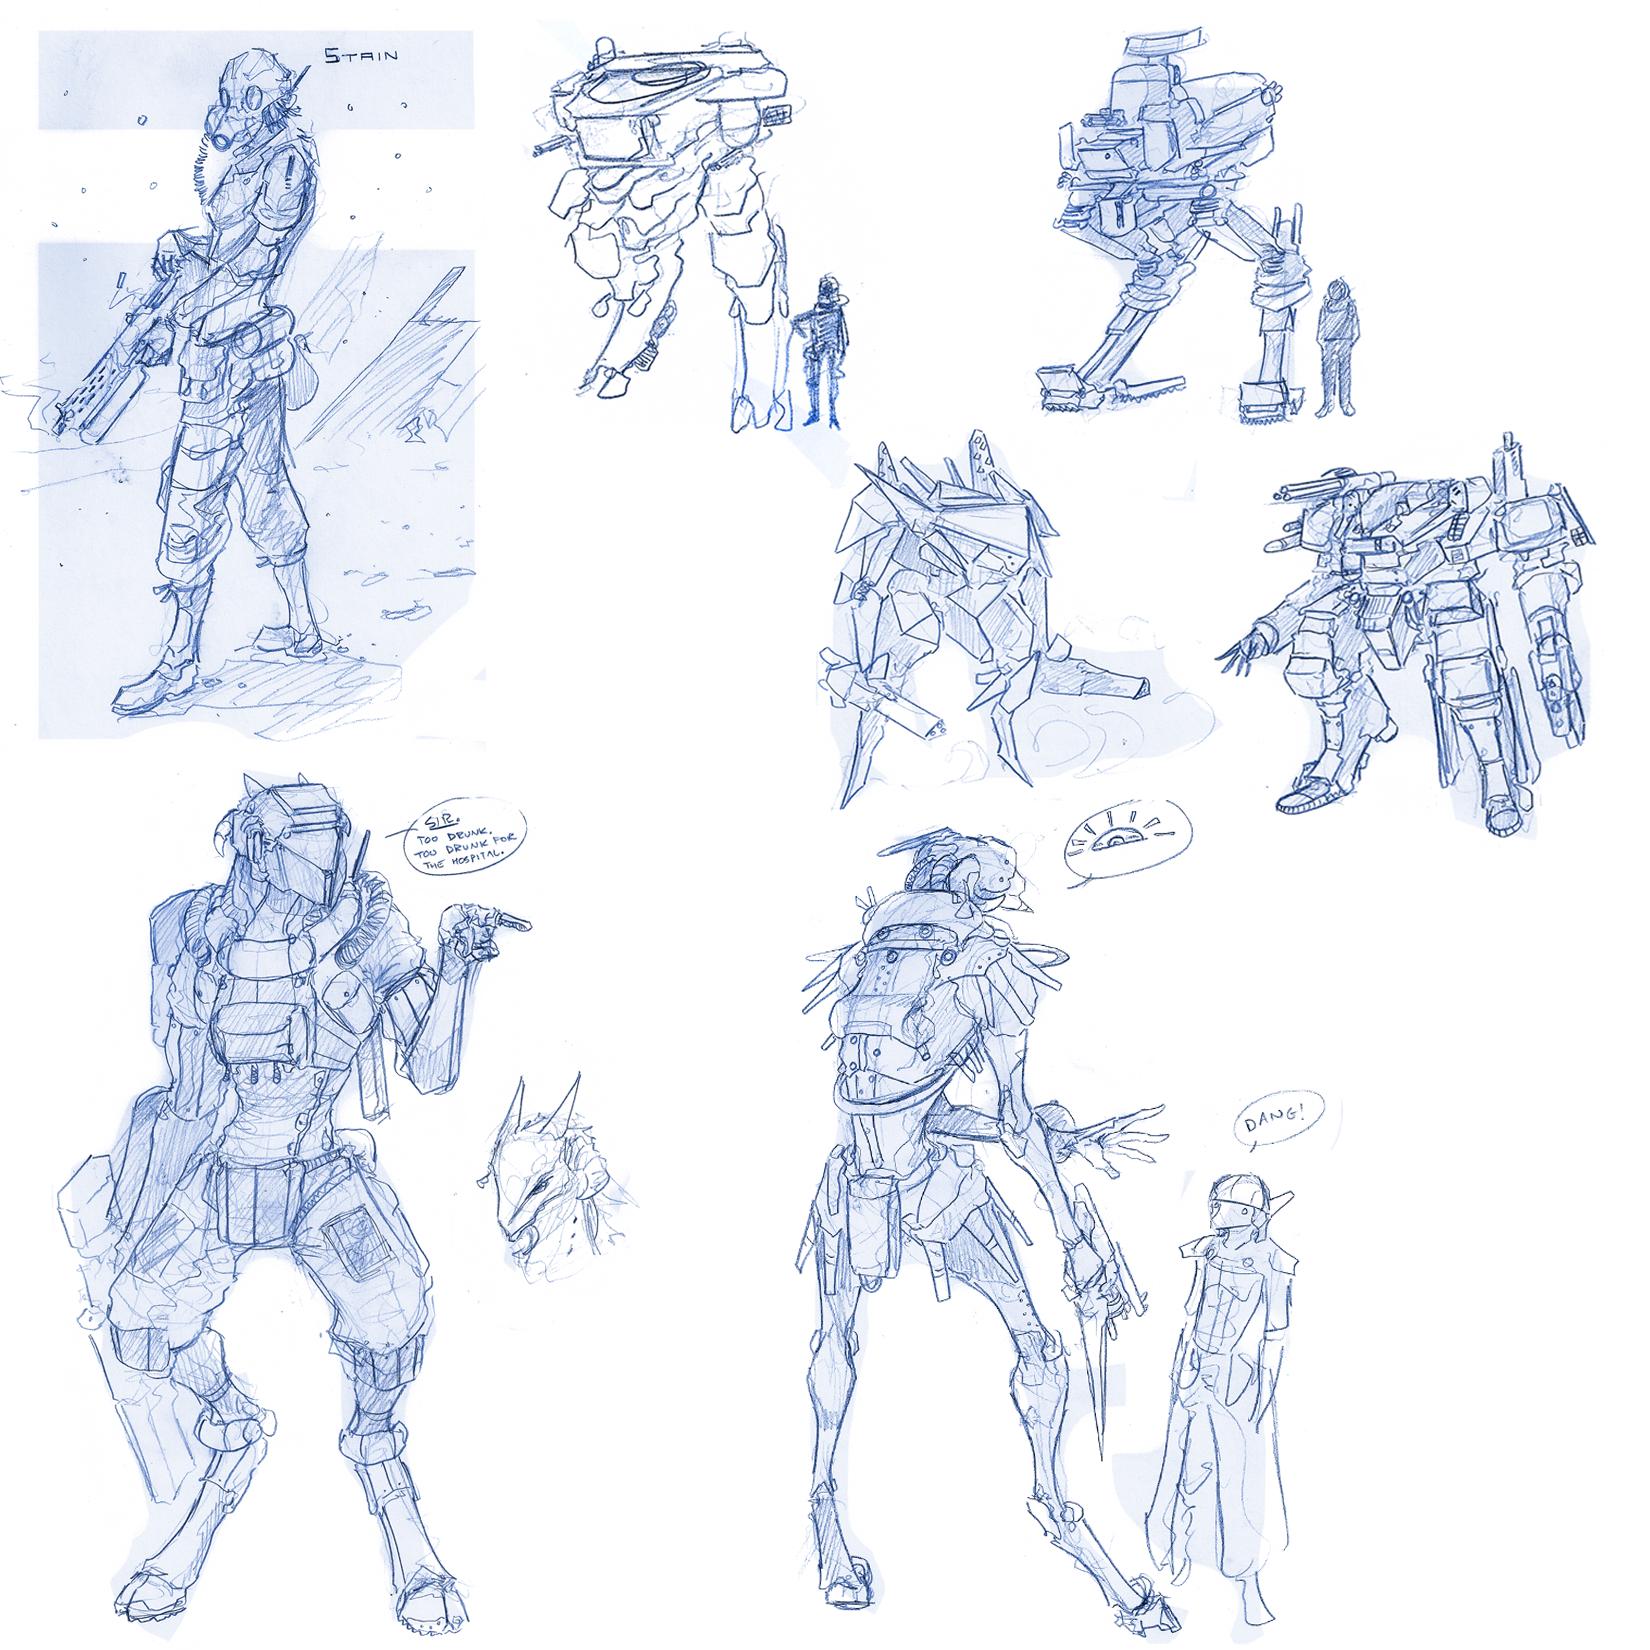 Giant Sketchdump V / Planedump II by Zaeta-K